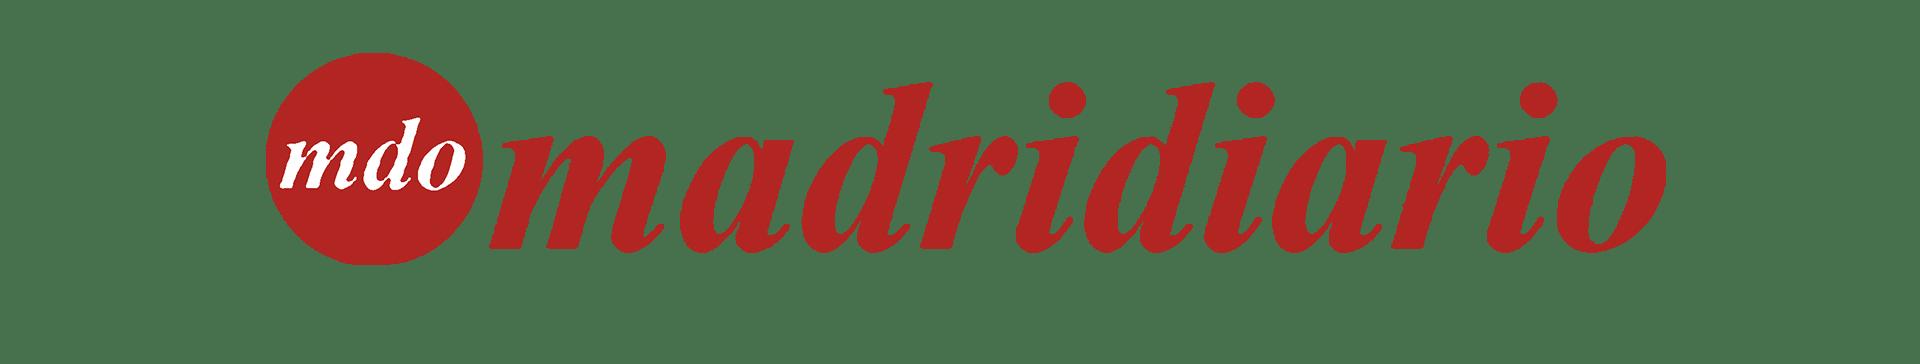 Madrid Diario